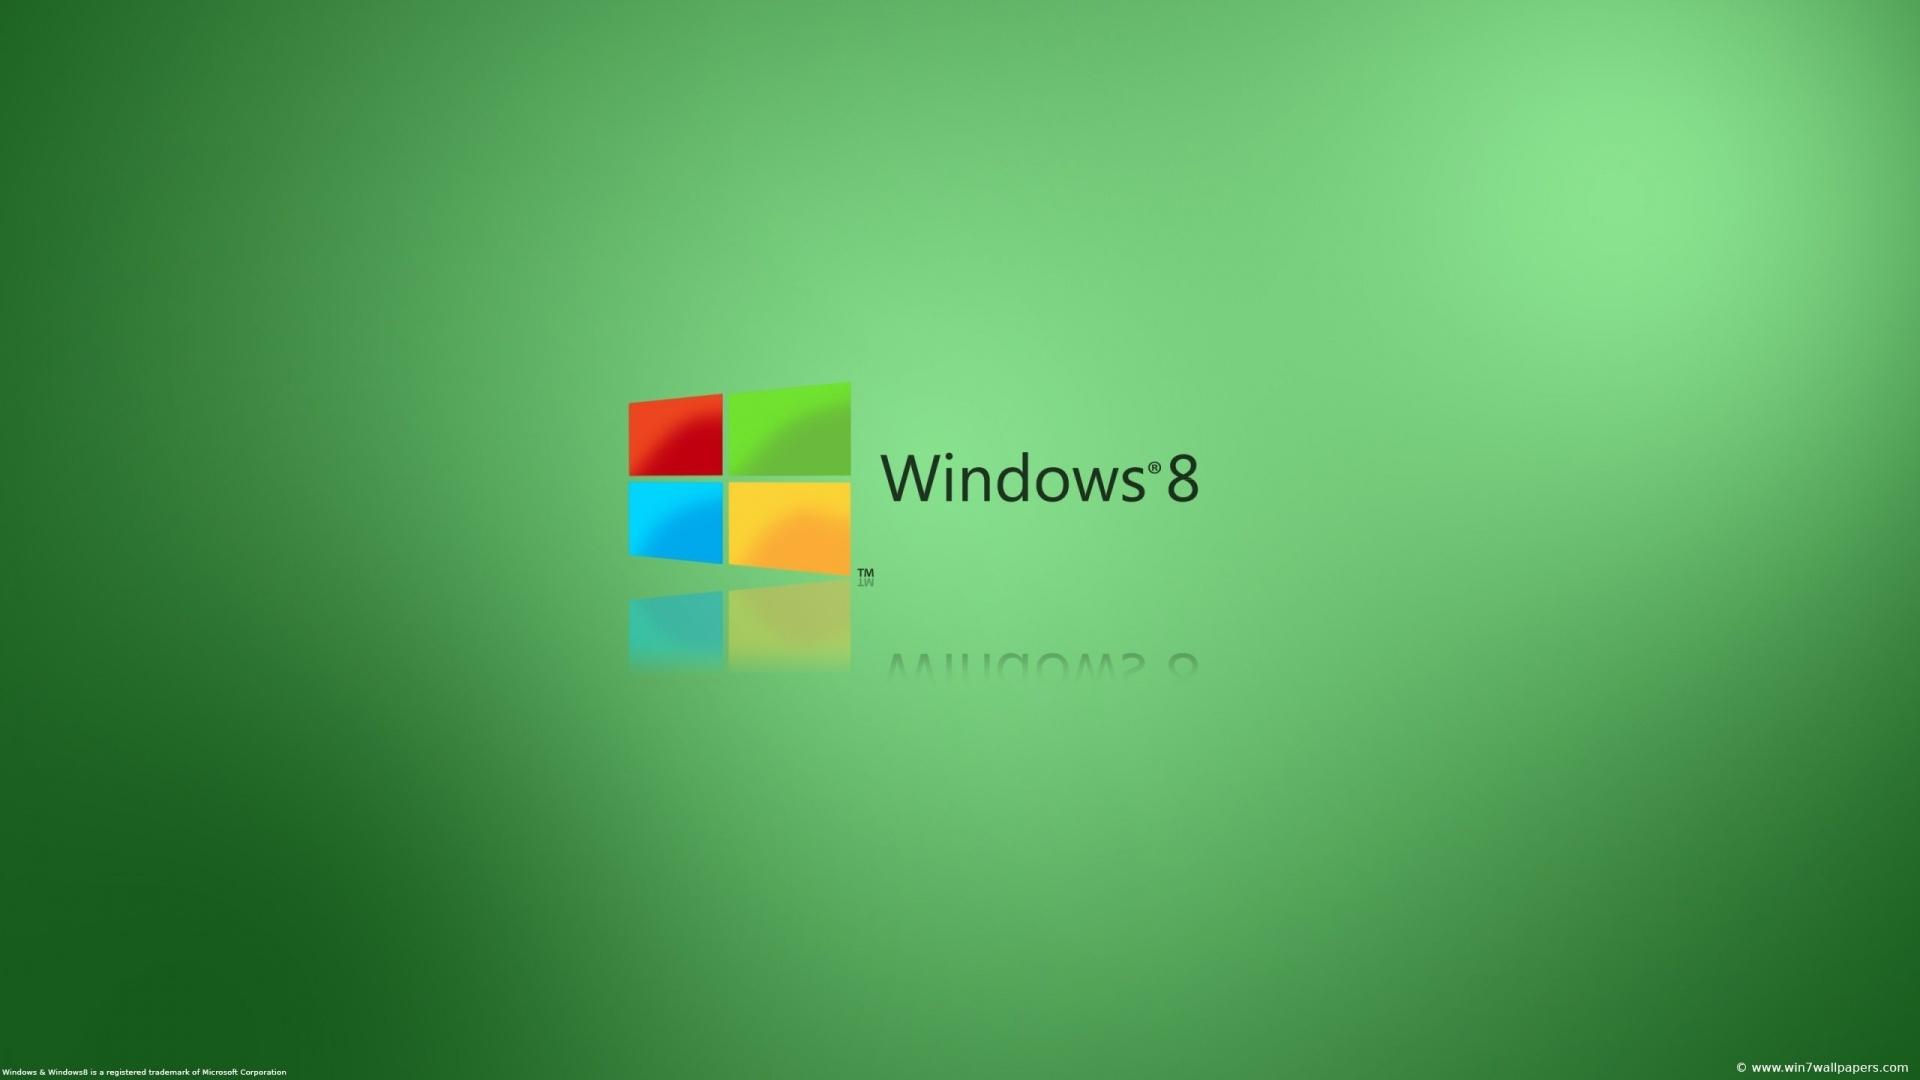 windows 8 full hd fond d'écran and arrière-plan | 1920x1080 | id:461356